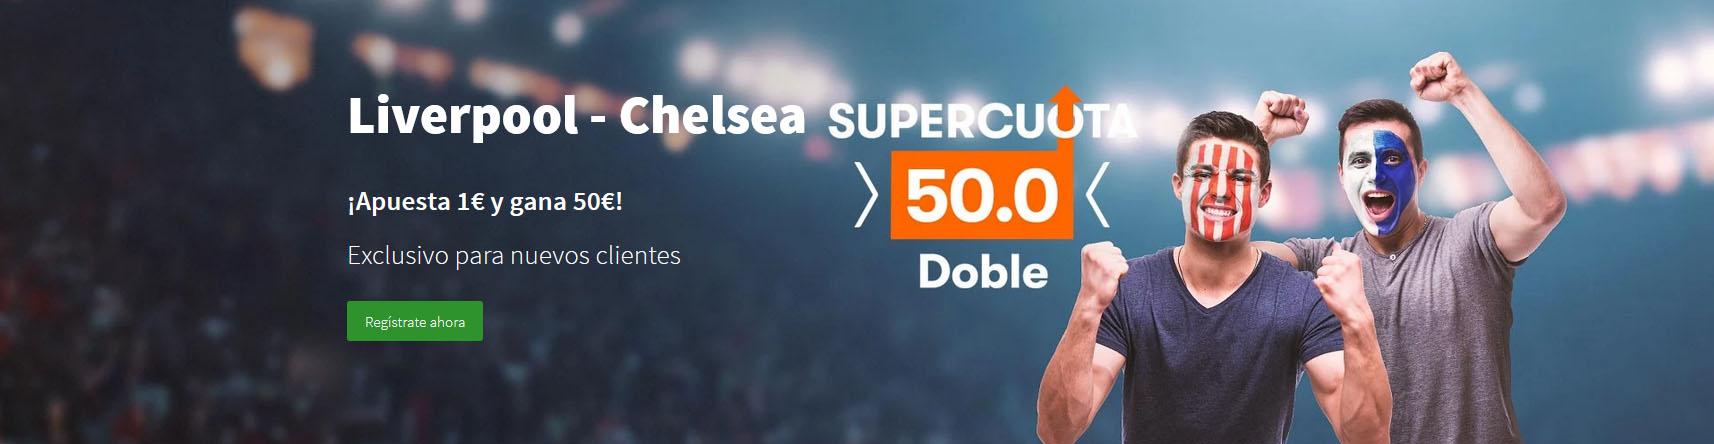 Supercuota Betsson Liverpool y Chelsea